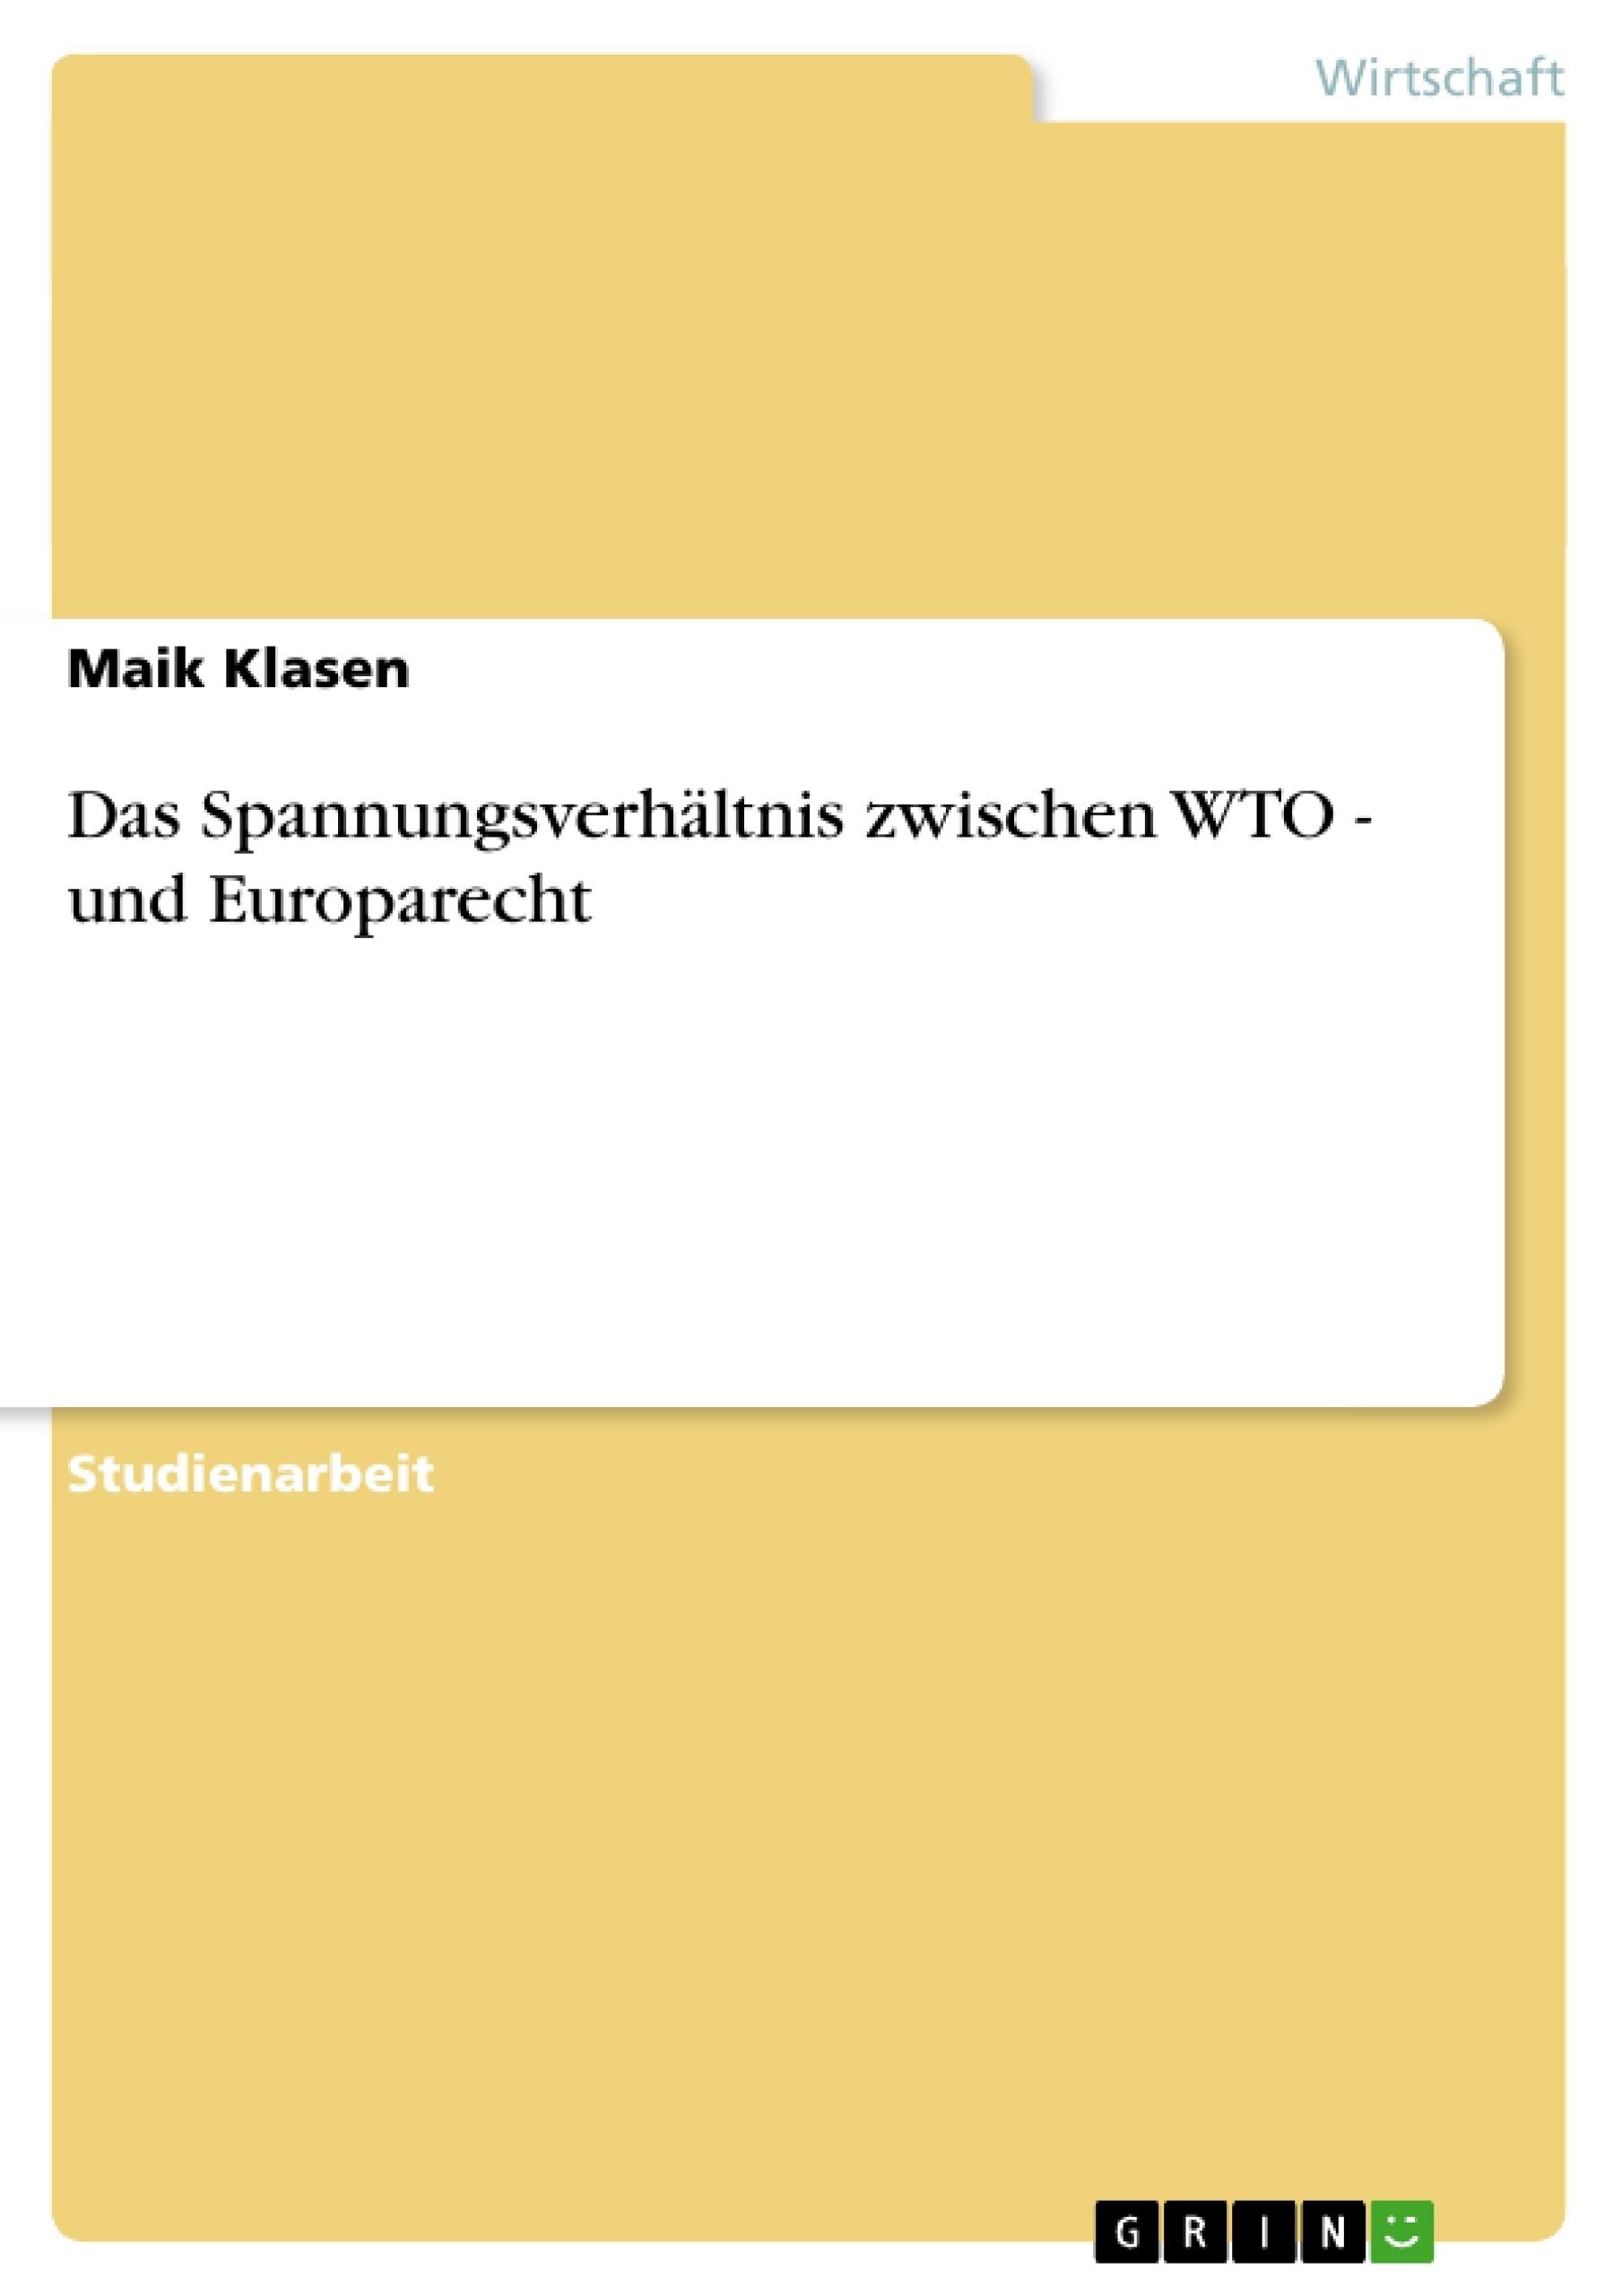 Titel: Das Spannungsverhältnis zwischen WTO - und Europarecht